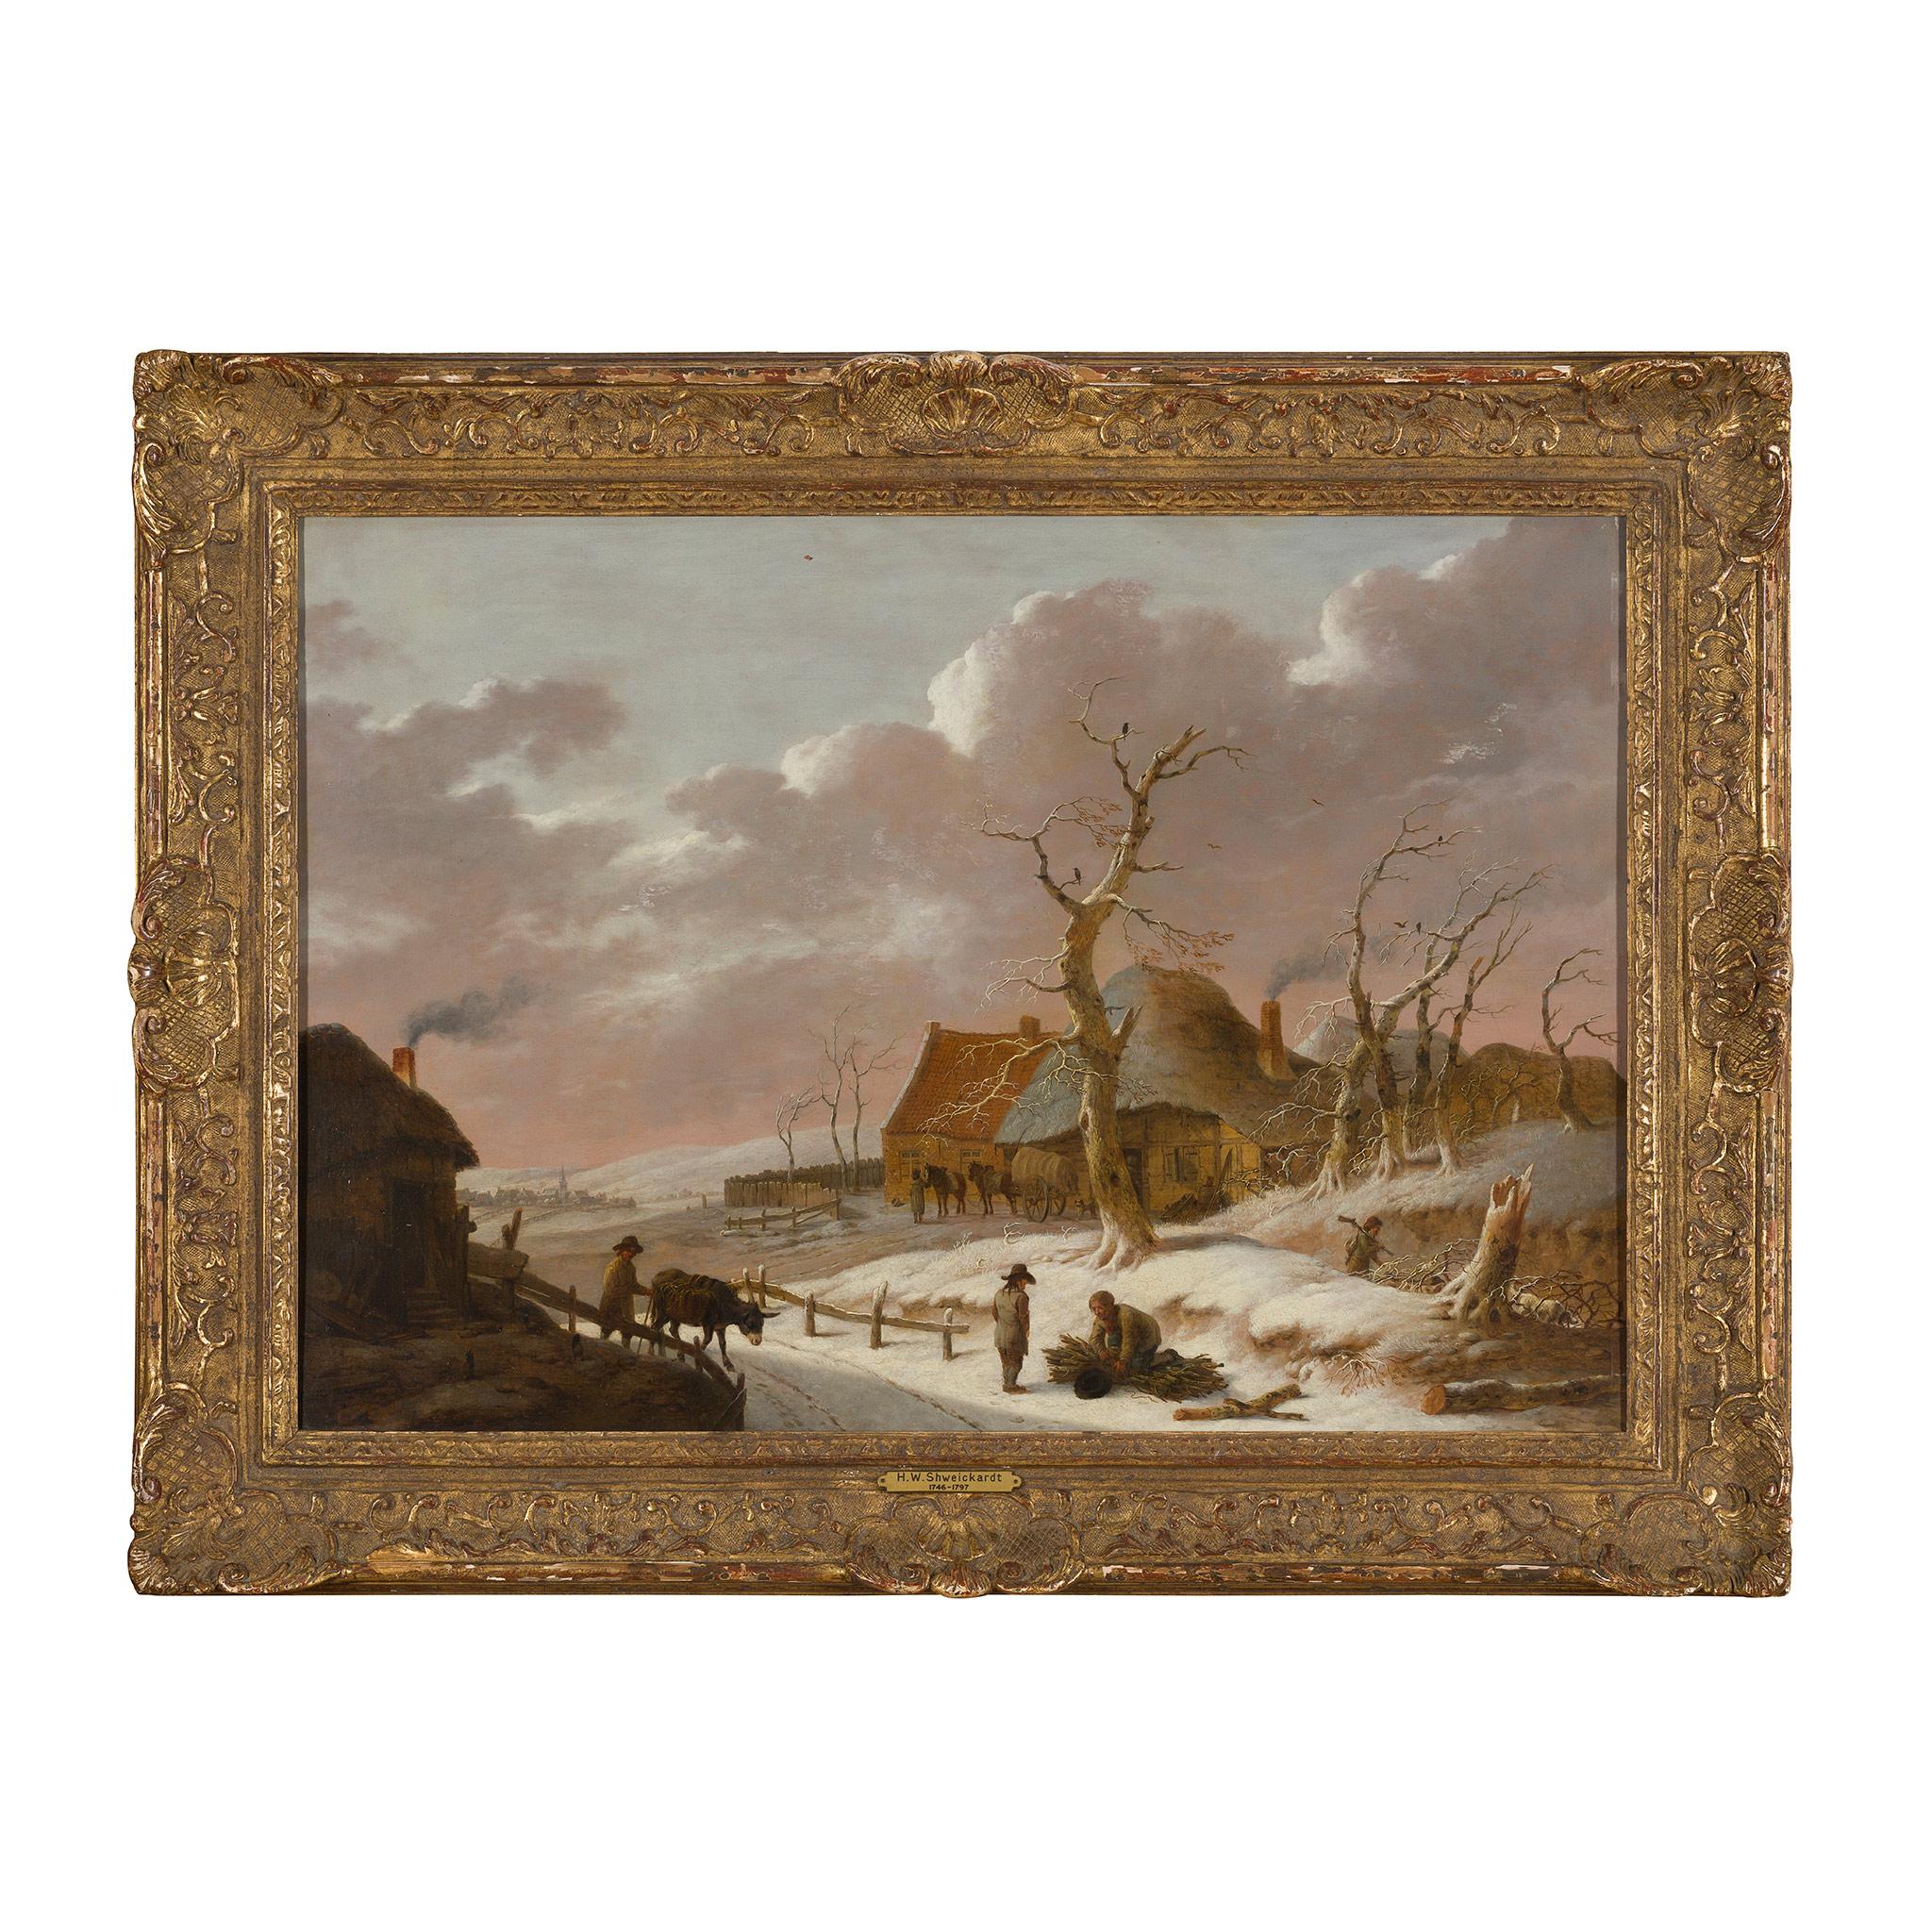 ATTRIBUTED TO HEINRICH WILHELM SCHWEICKARDT (GERMAN 1746-1797) A SNOW COVERED WINTER LANDSCAPE - Image 2 of 3